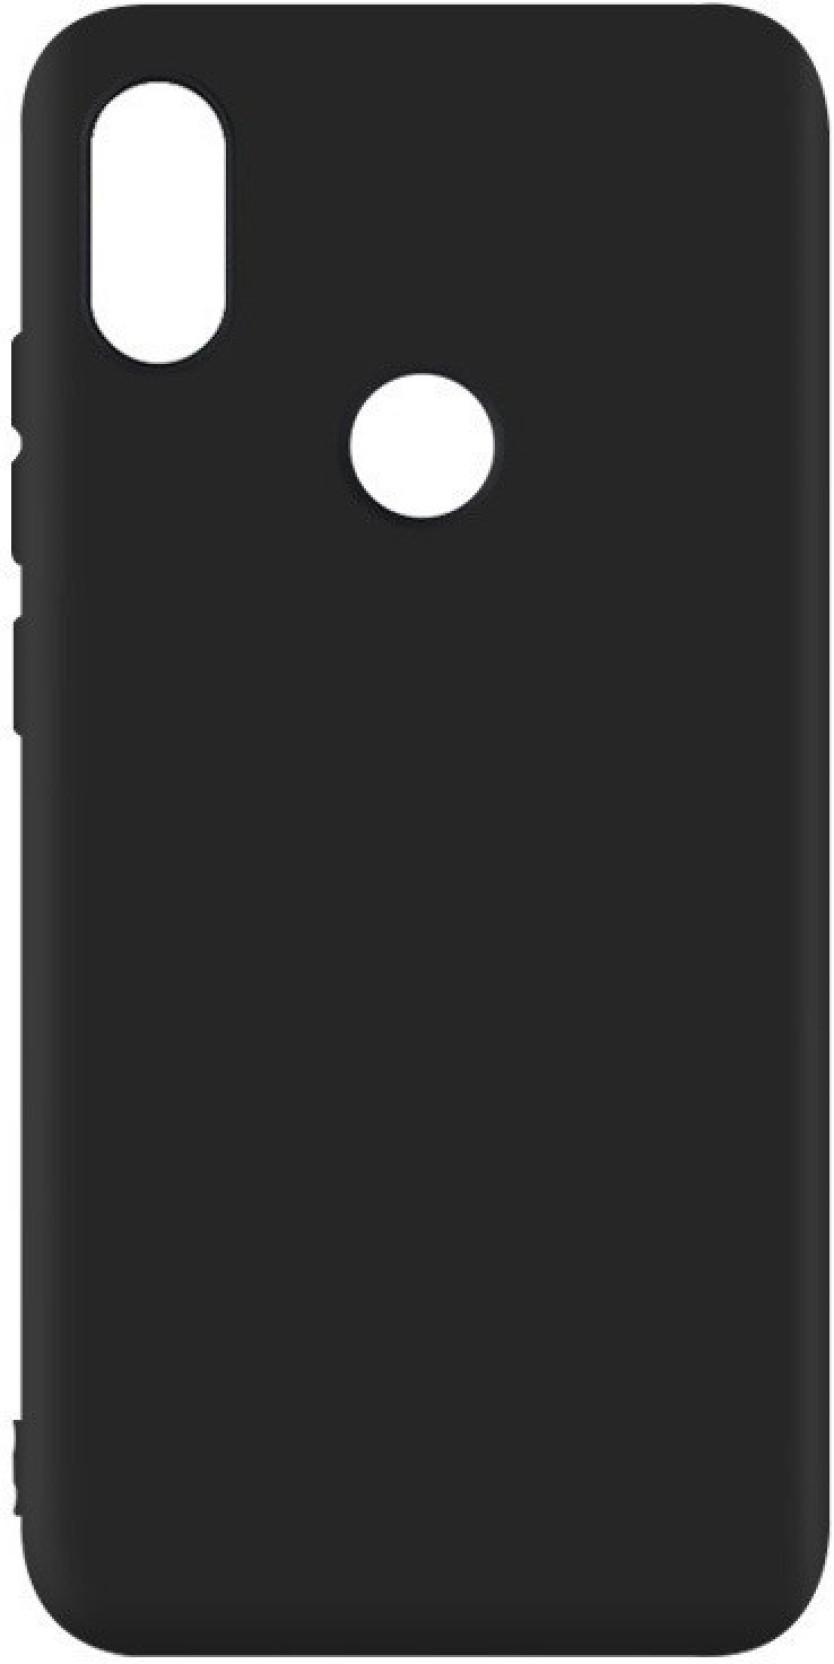 size 40 4a0f8 44744 24/7 Zone Back Cover for Xiaomi Redmi Y2 Case, mi redmi y2 back cover